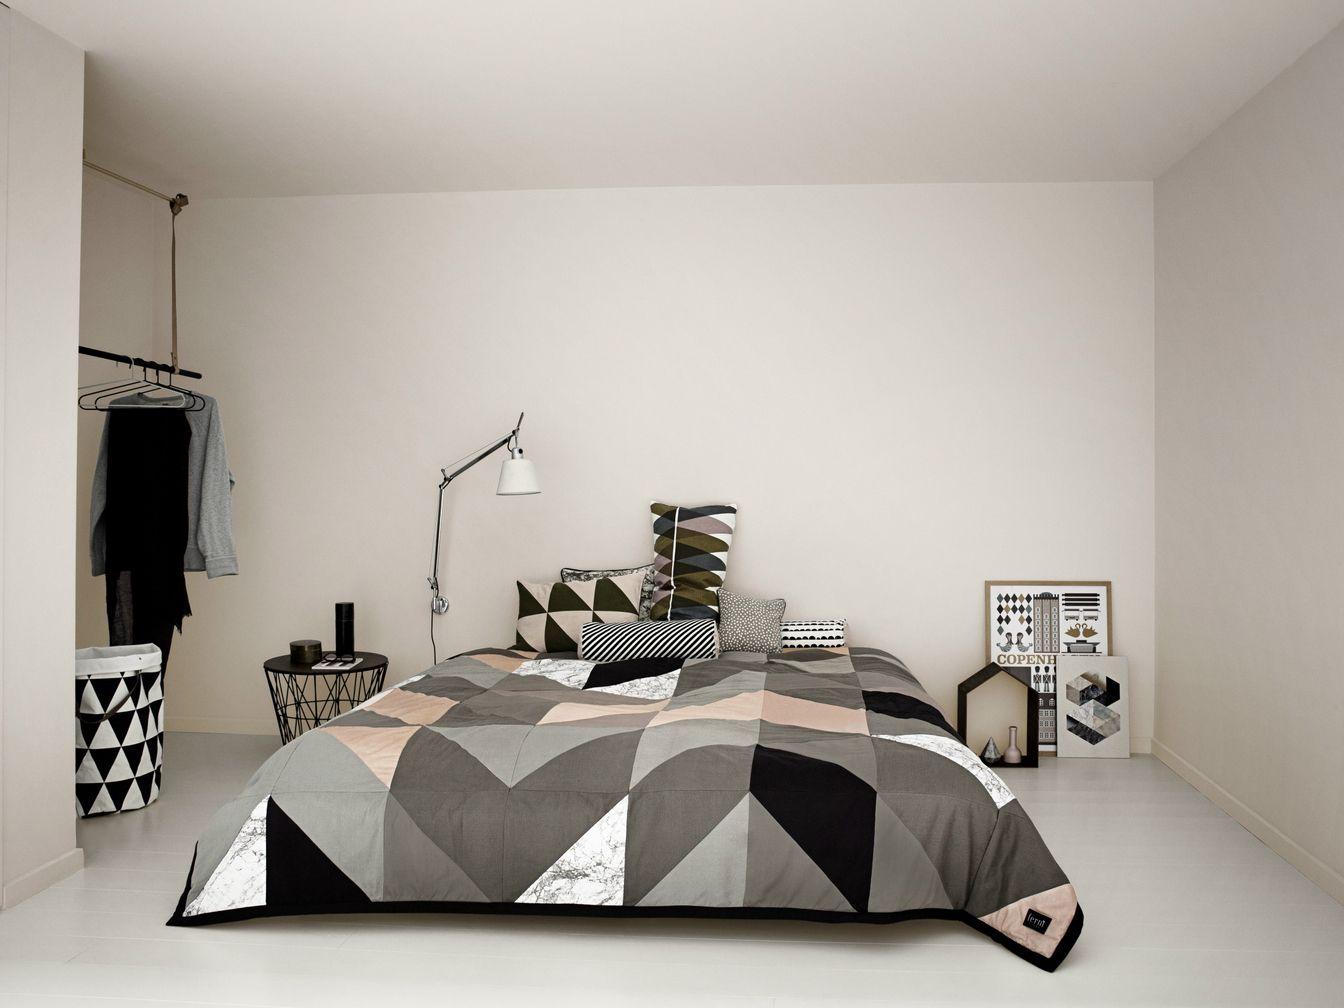 couvre lit ferm living Couvre lit motifs graphiques en coton Collection Arrow by ferm  couvre lit ferm living